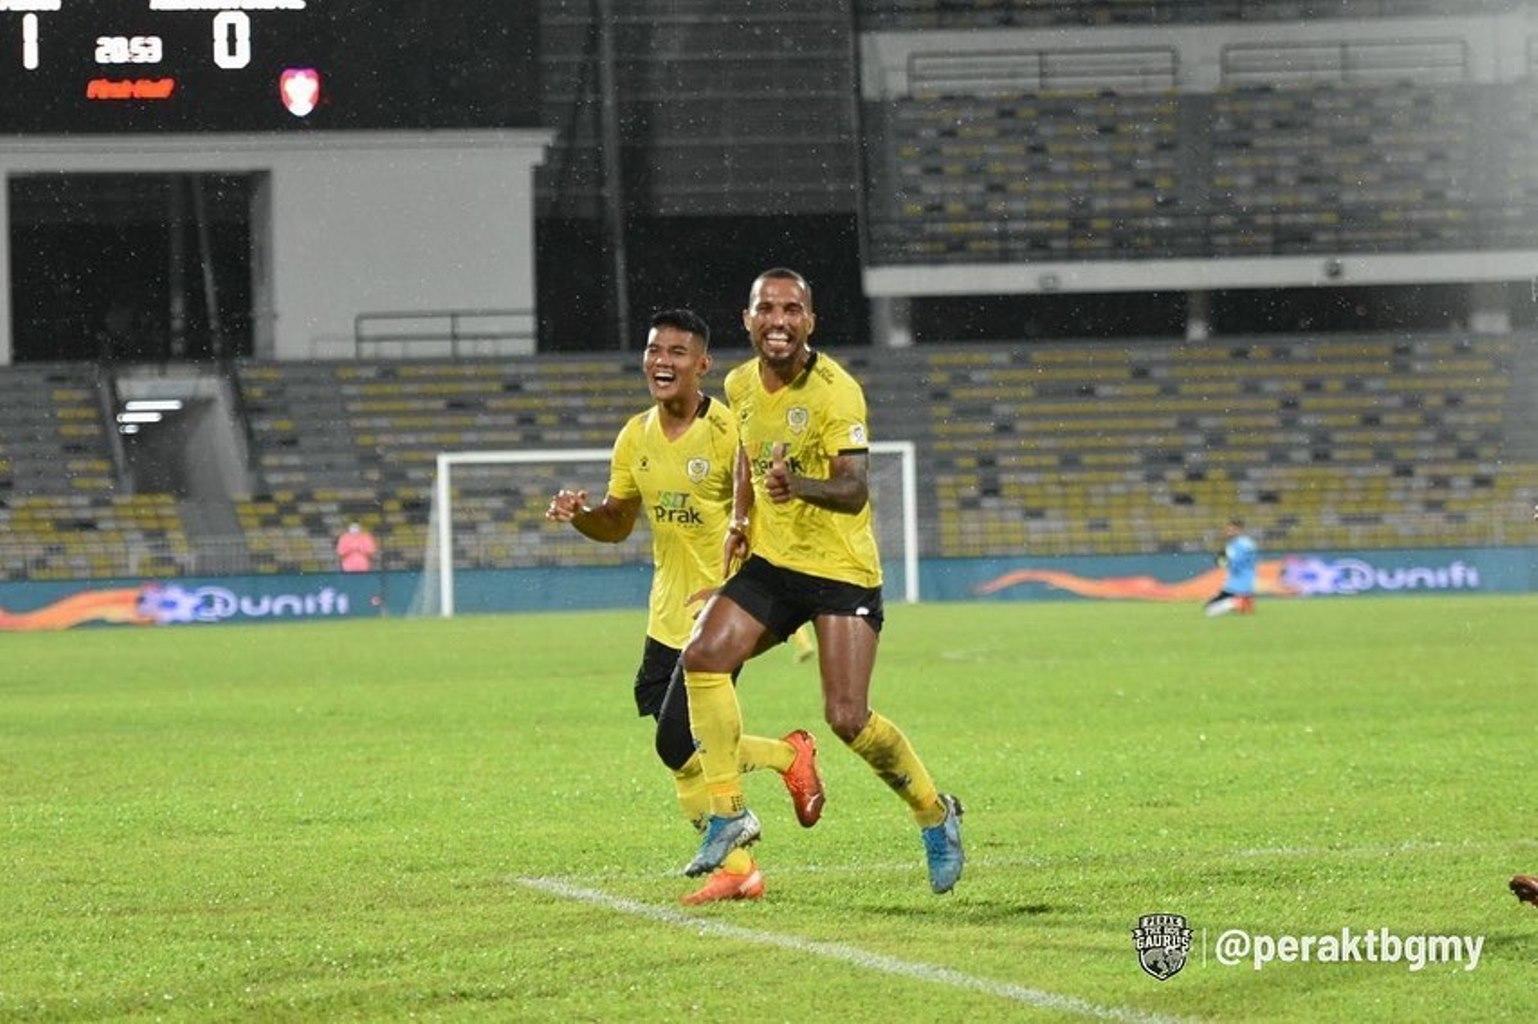 Leandro Hatrik Perak Kelantan United Piala Malaysia 2020